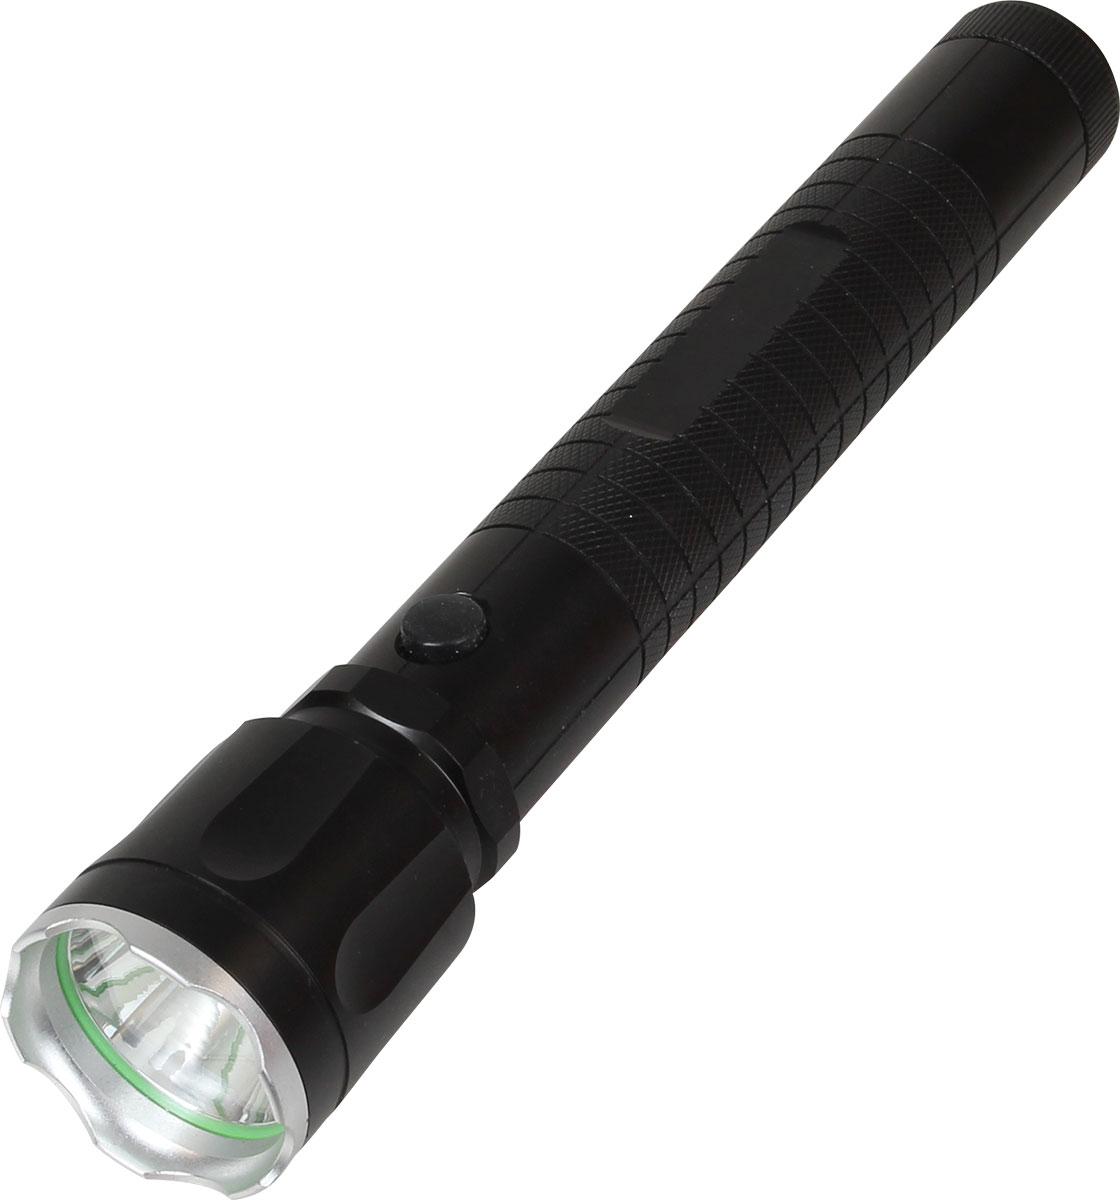 Фонарь ручной Track Blaze 3D5662387Фонарь ручной Track Blaze 3D имеет следующие характеристики: Сверхяркий светодиод CREE XP-G Максимальный световой поток 220 люменов Элементы питания (в комплект не входят): 3 шт./ типа D Вес без батарей: 330 гр. Вес с батареями: 748 гр. Алюминиевый корпус Влагозащитный корпус IPX-5